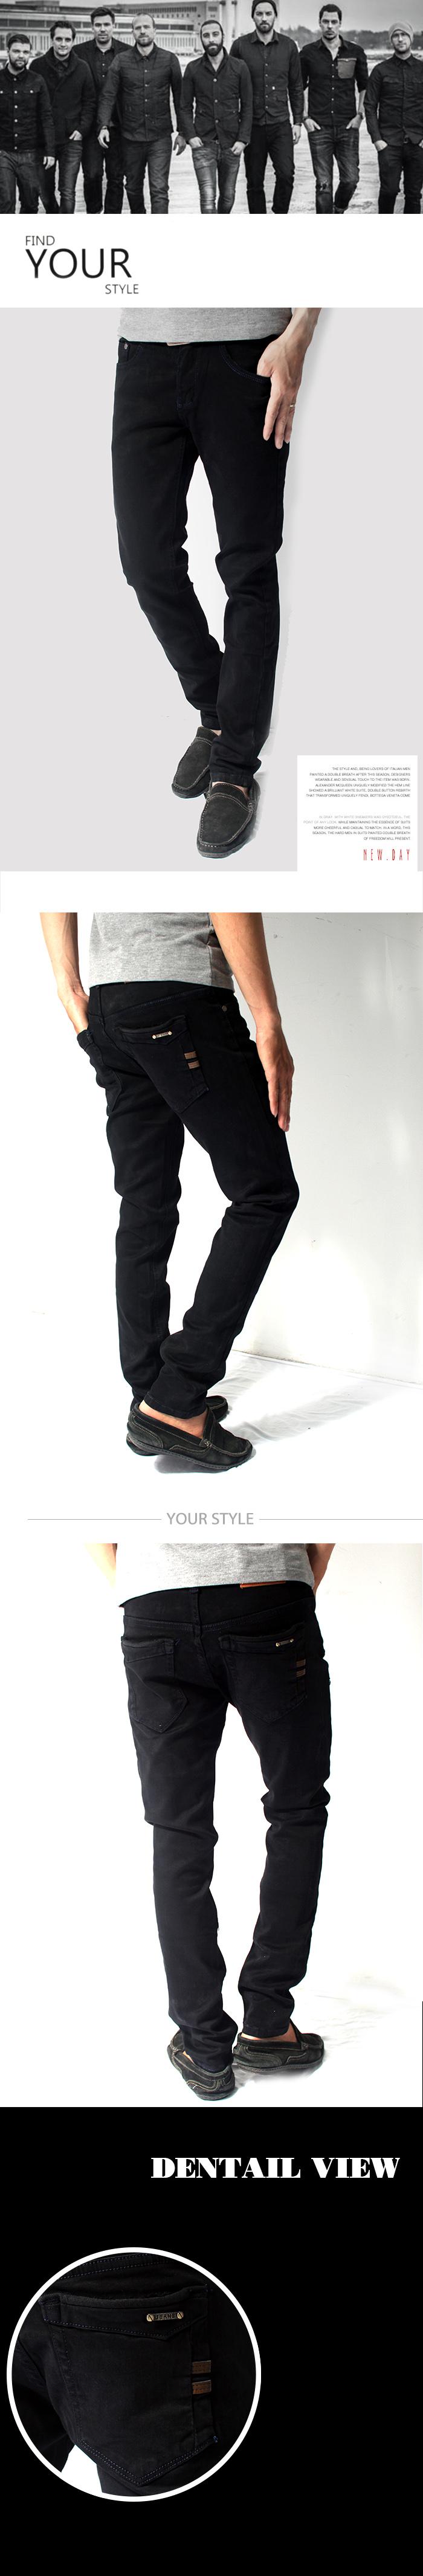 Quần jean đen qj1140 - 1